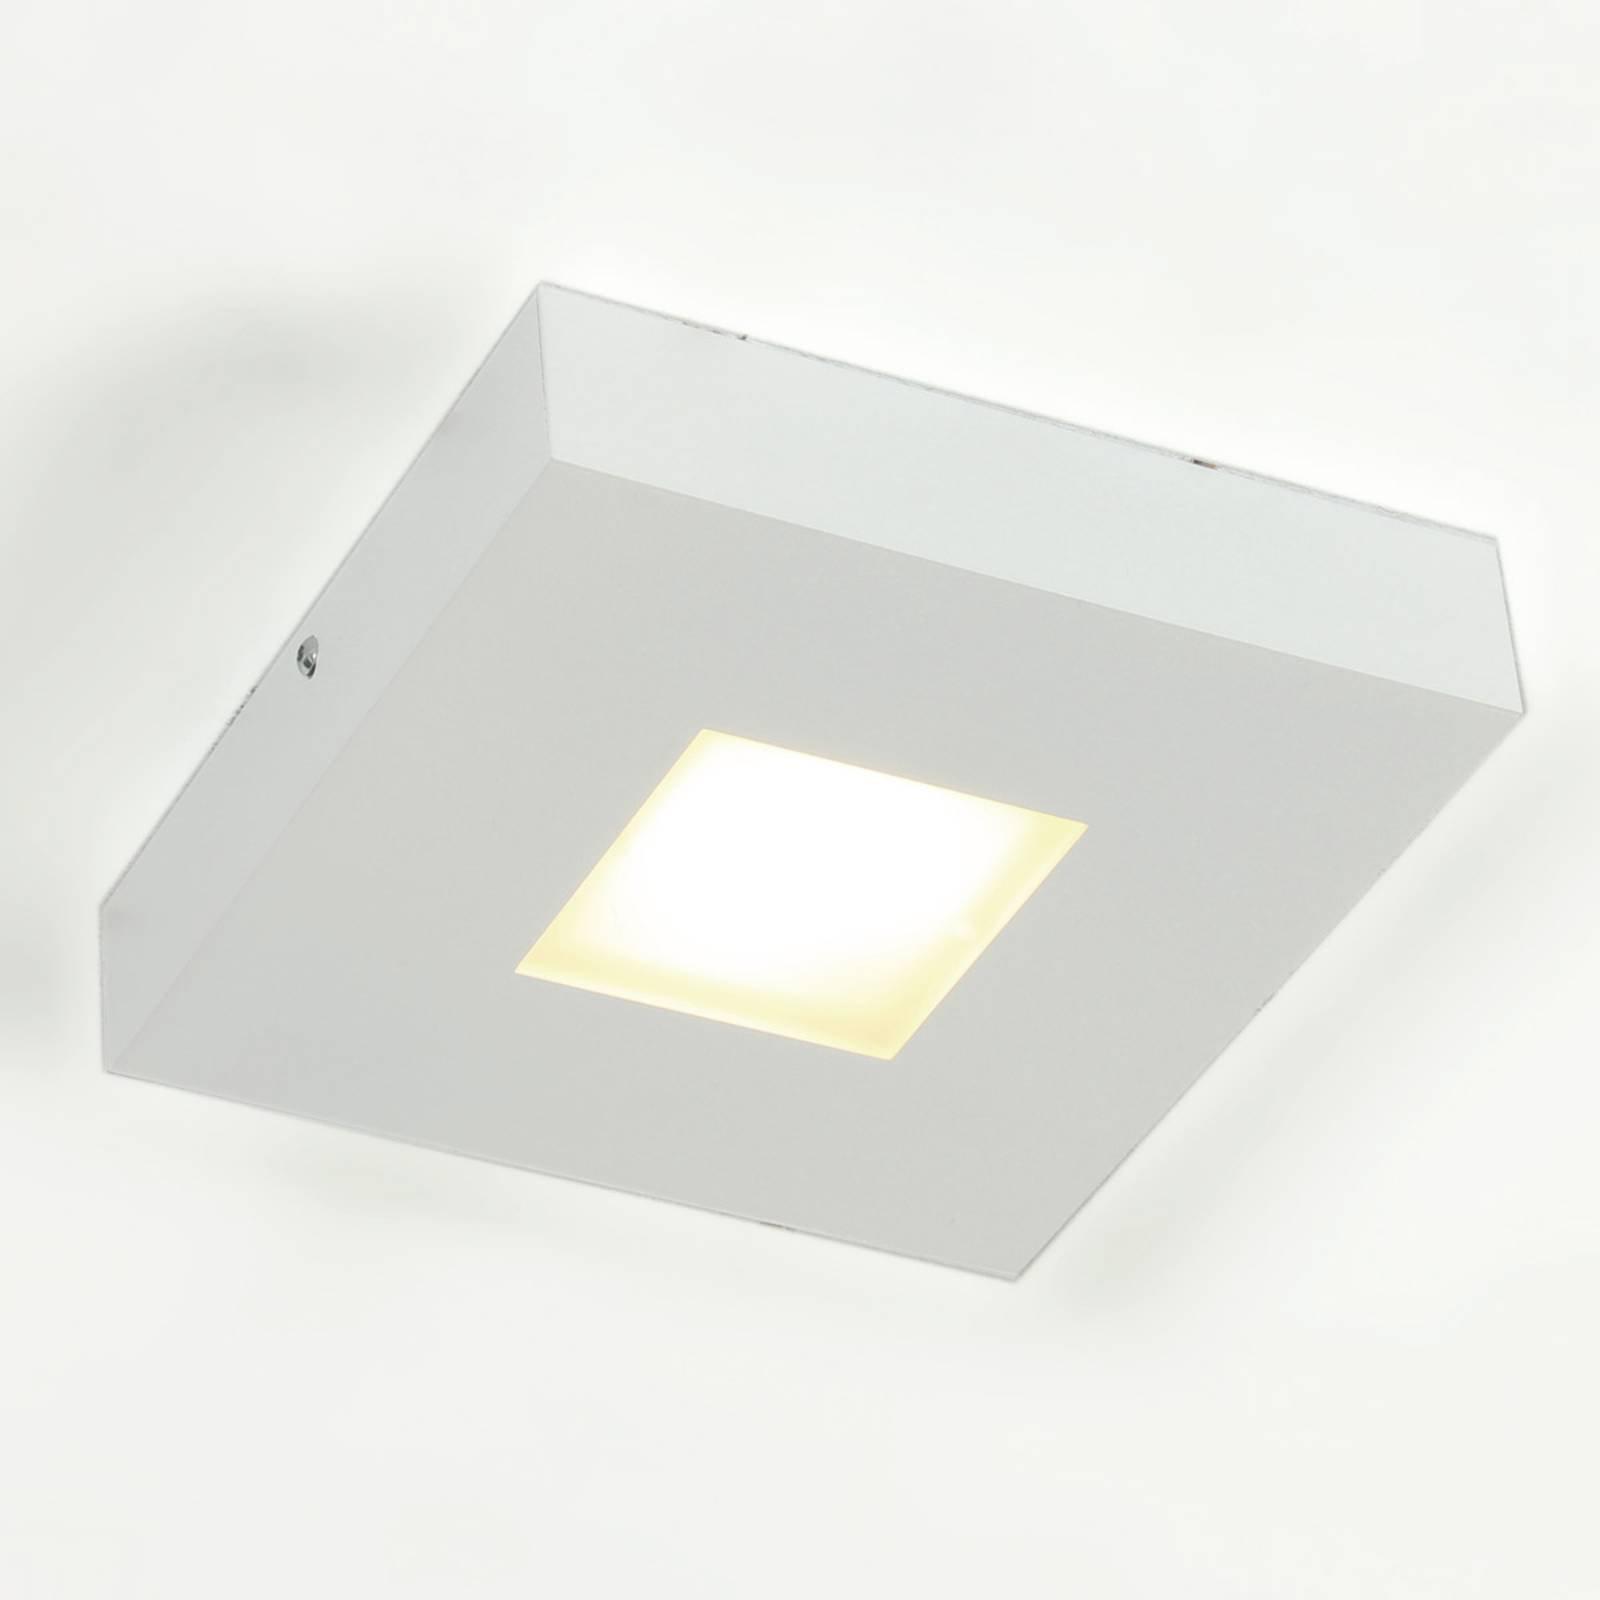 LED-taklampe Cubus i høy kvalitet, hvit